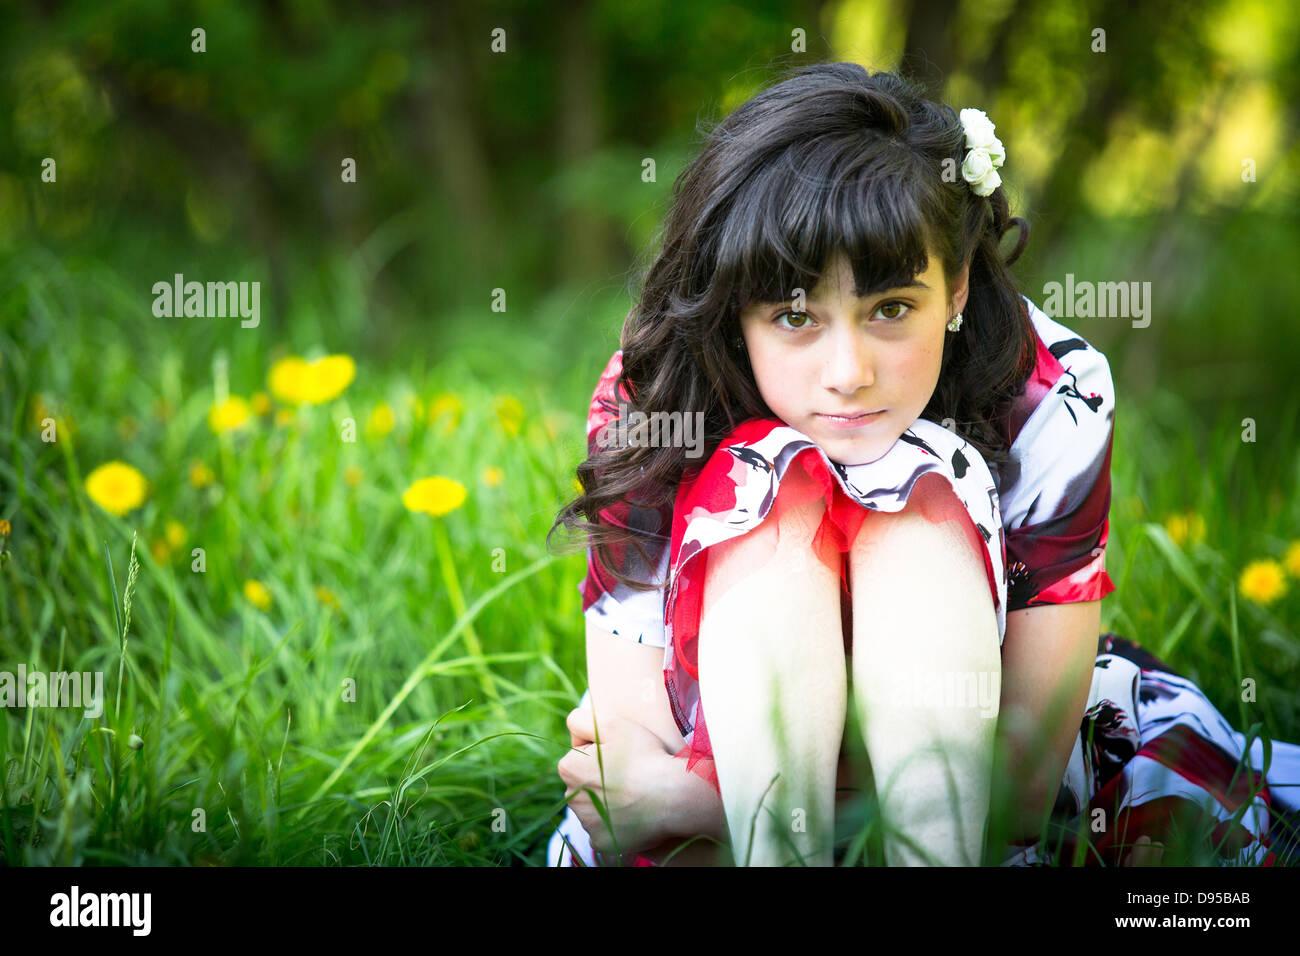 Porträt von einem Teen Mädchen sitzen auf der Wiese Stockbild